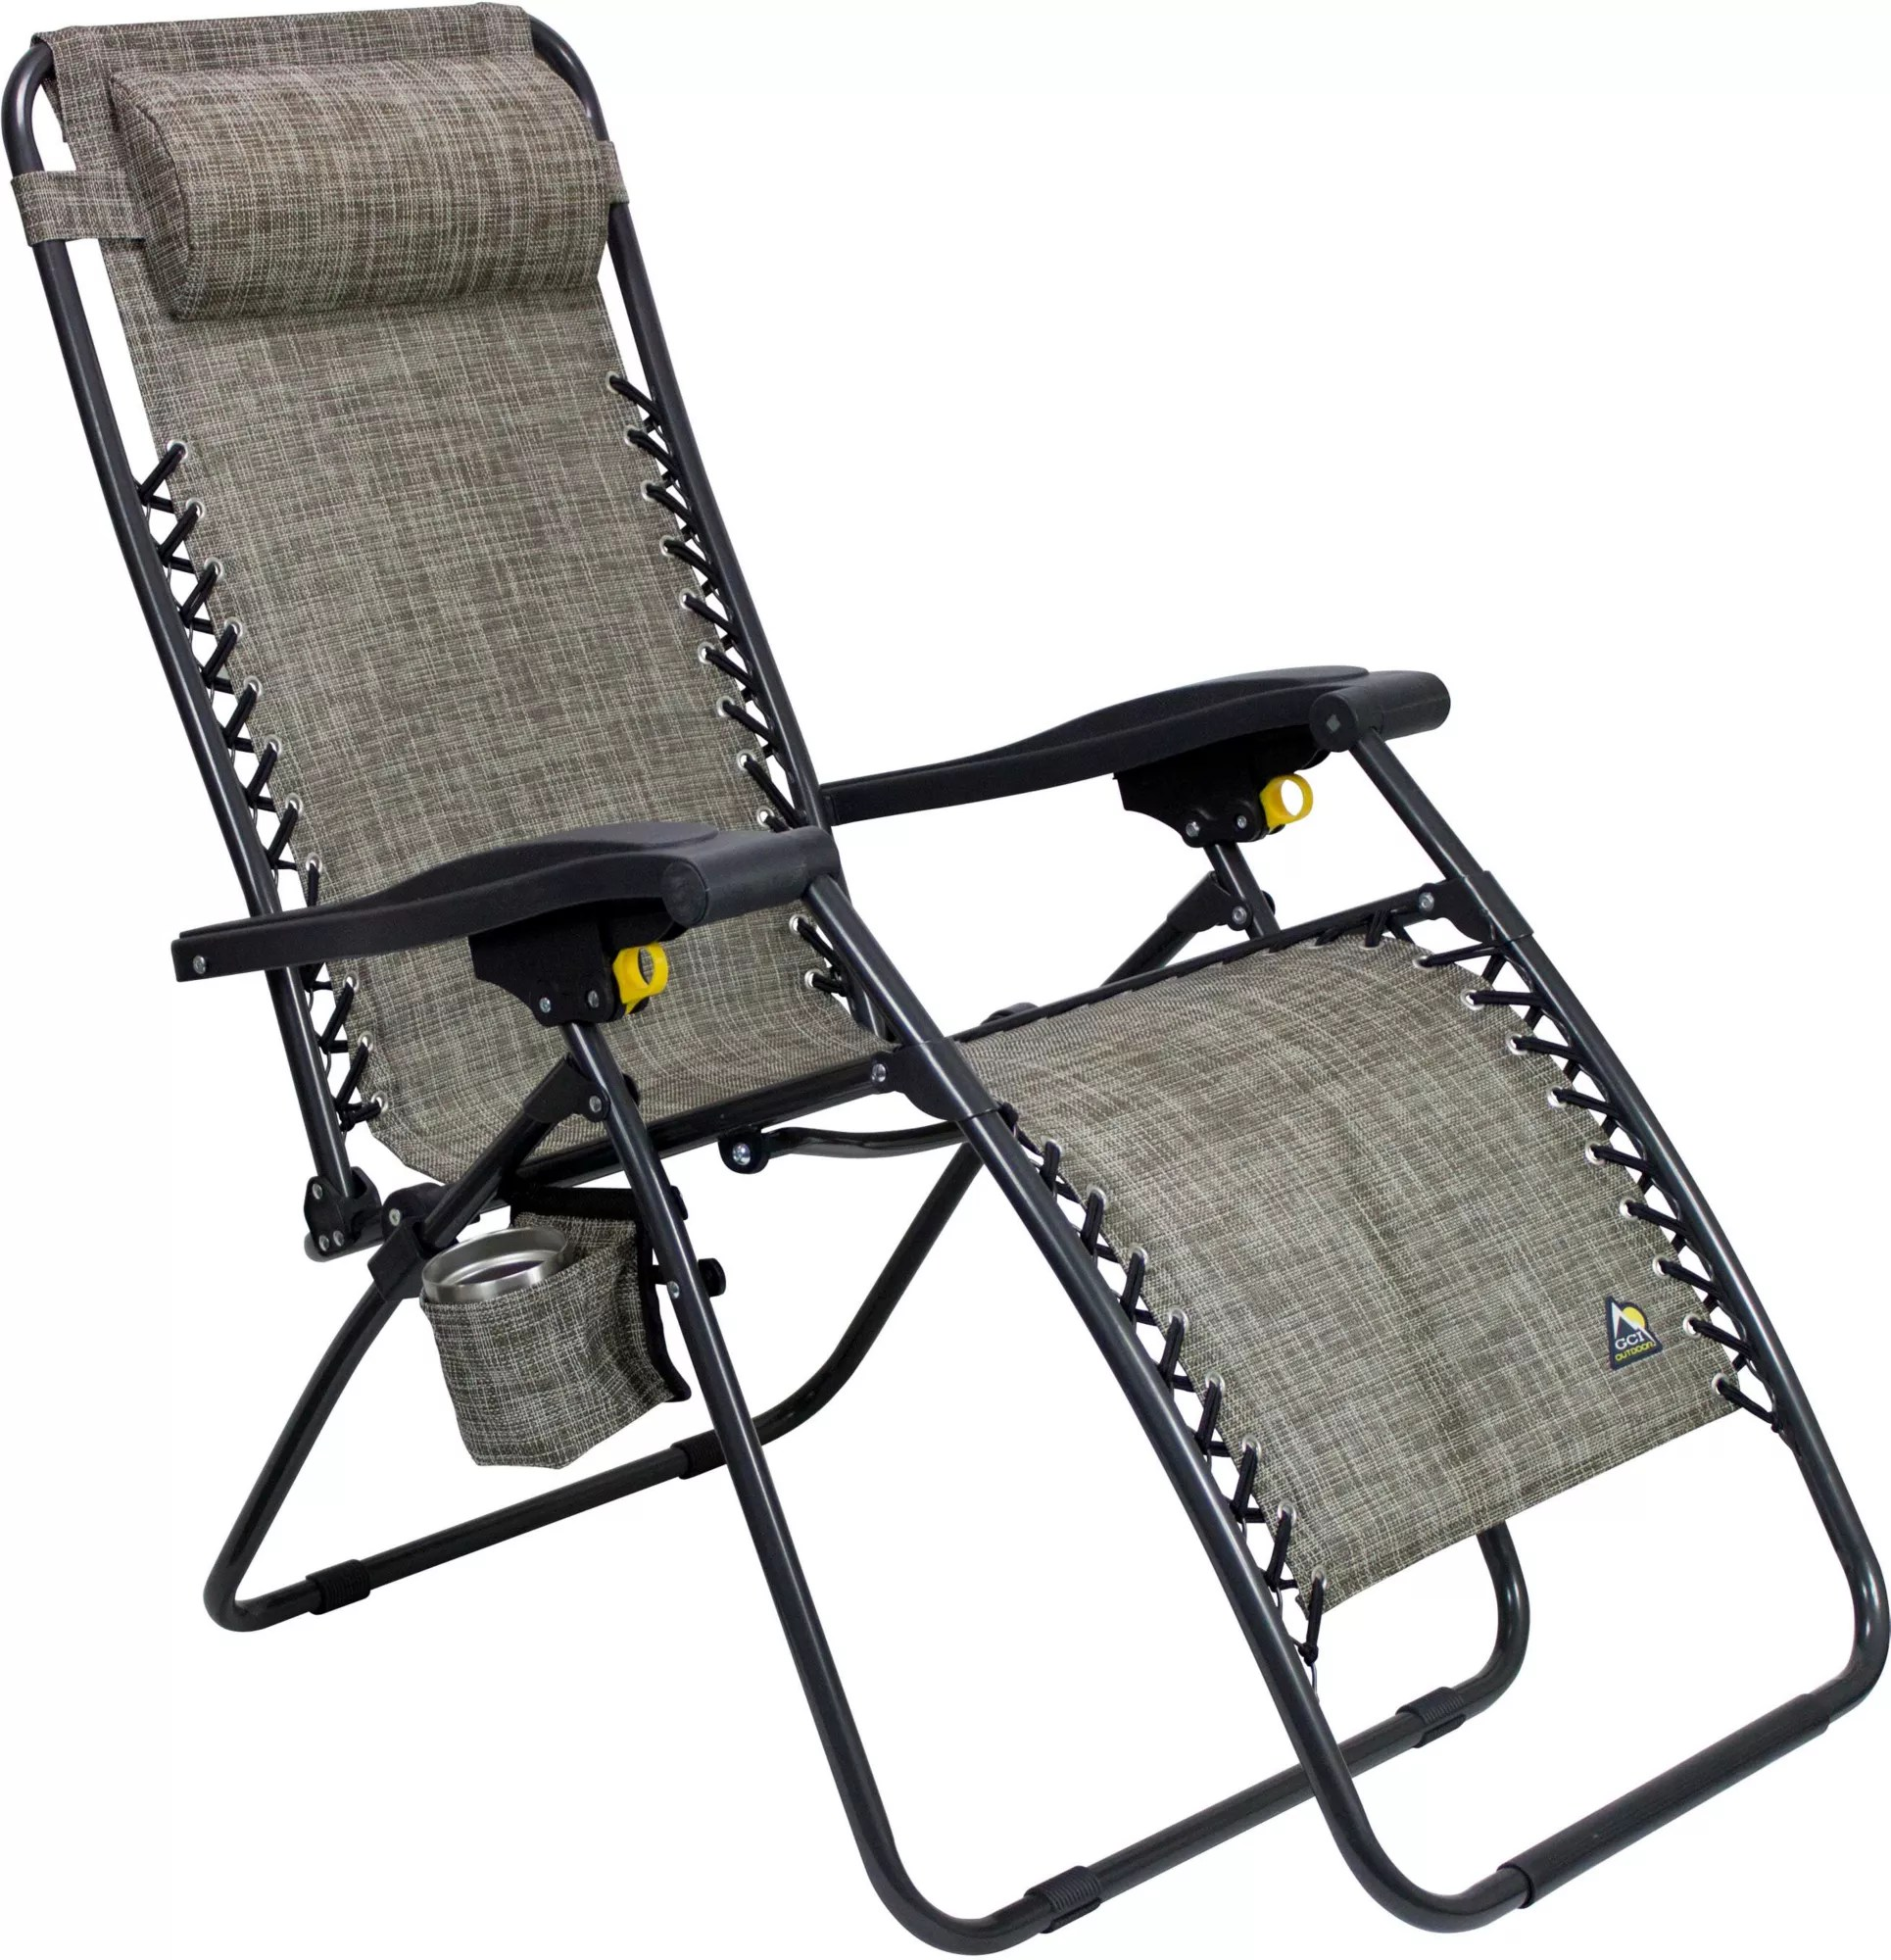 GCI Outdoor Zero Gravity Chair